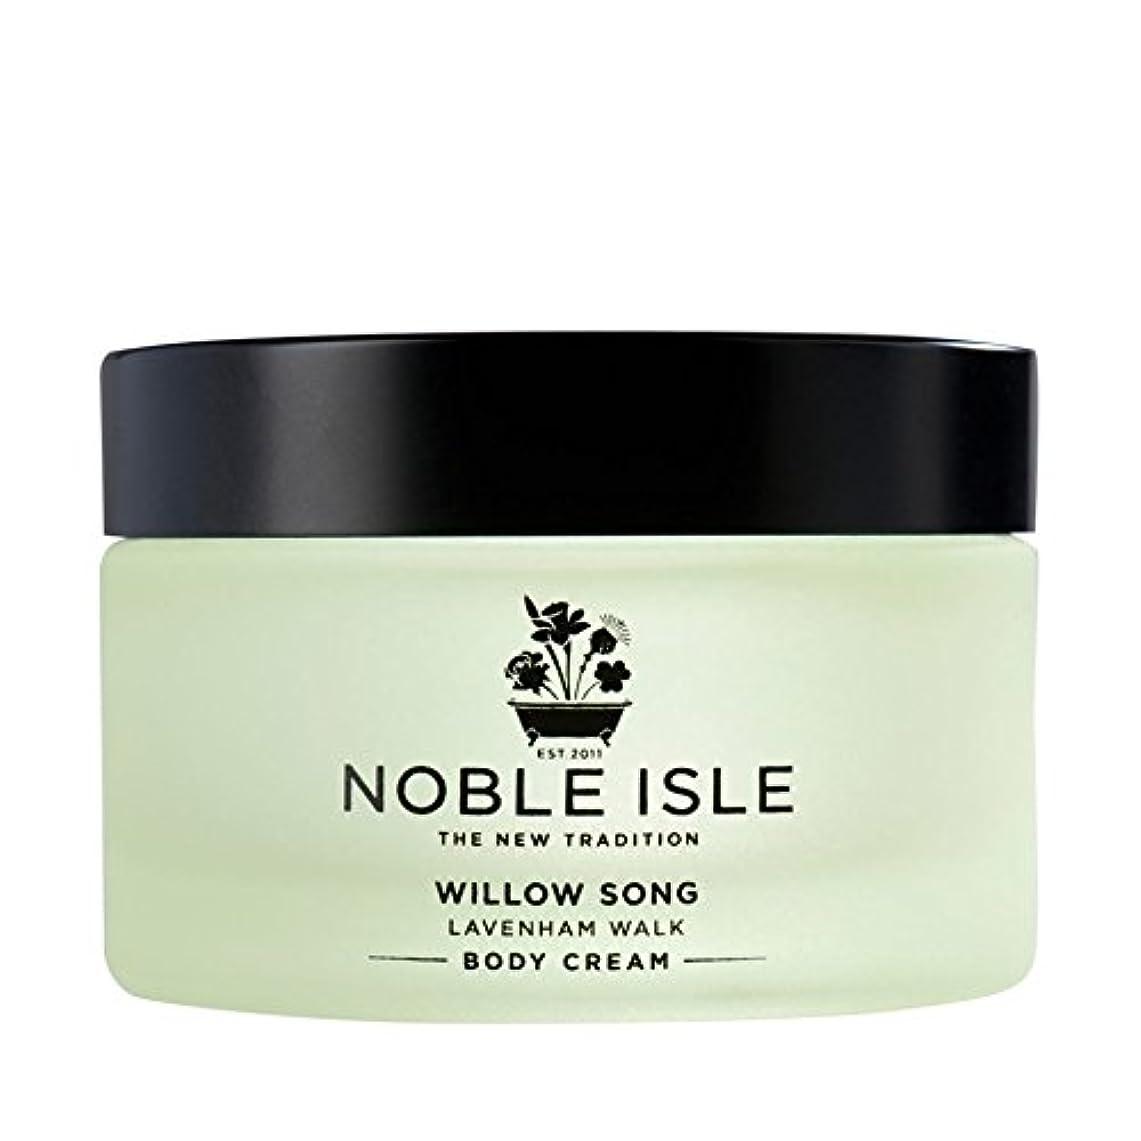 高貴な島柳の歌ラヴァンハム徒歩ボディクリーム170ミリリットル x4 - Noble Isle Willow Song Lavenham Walk Body Cream 170ml (Pack of 4) [並行輸入品]